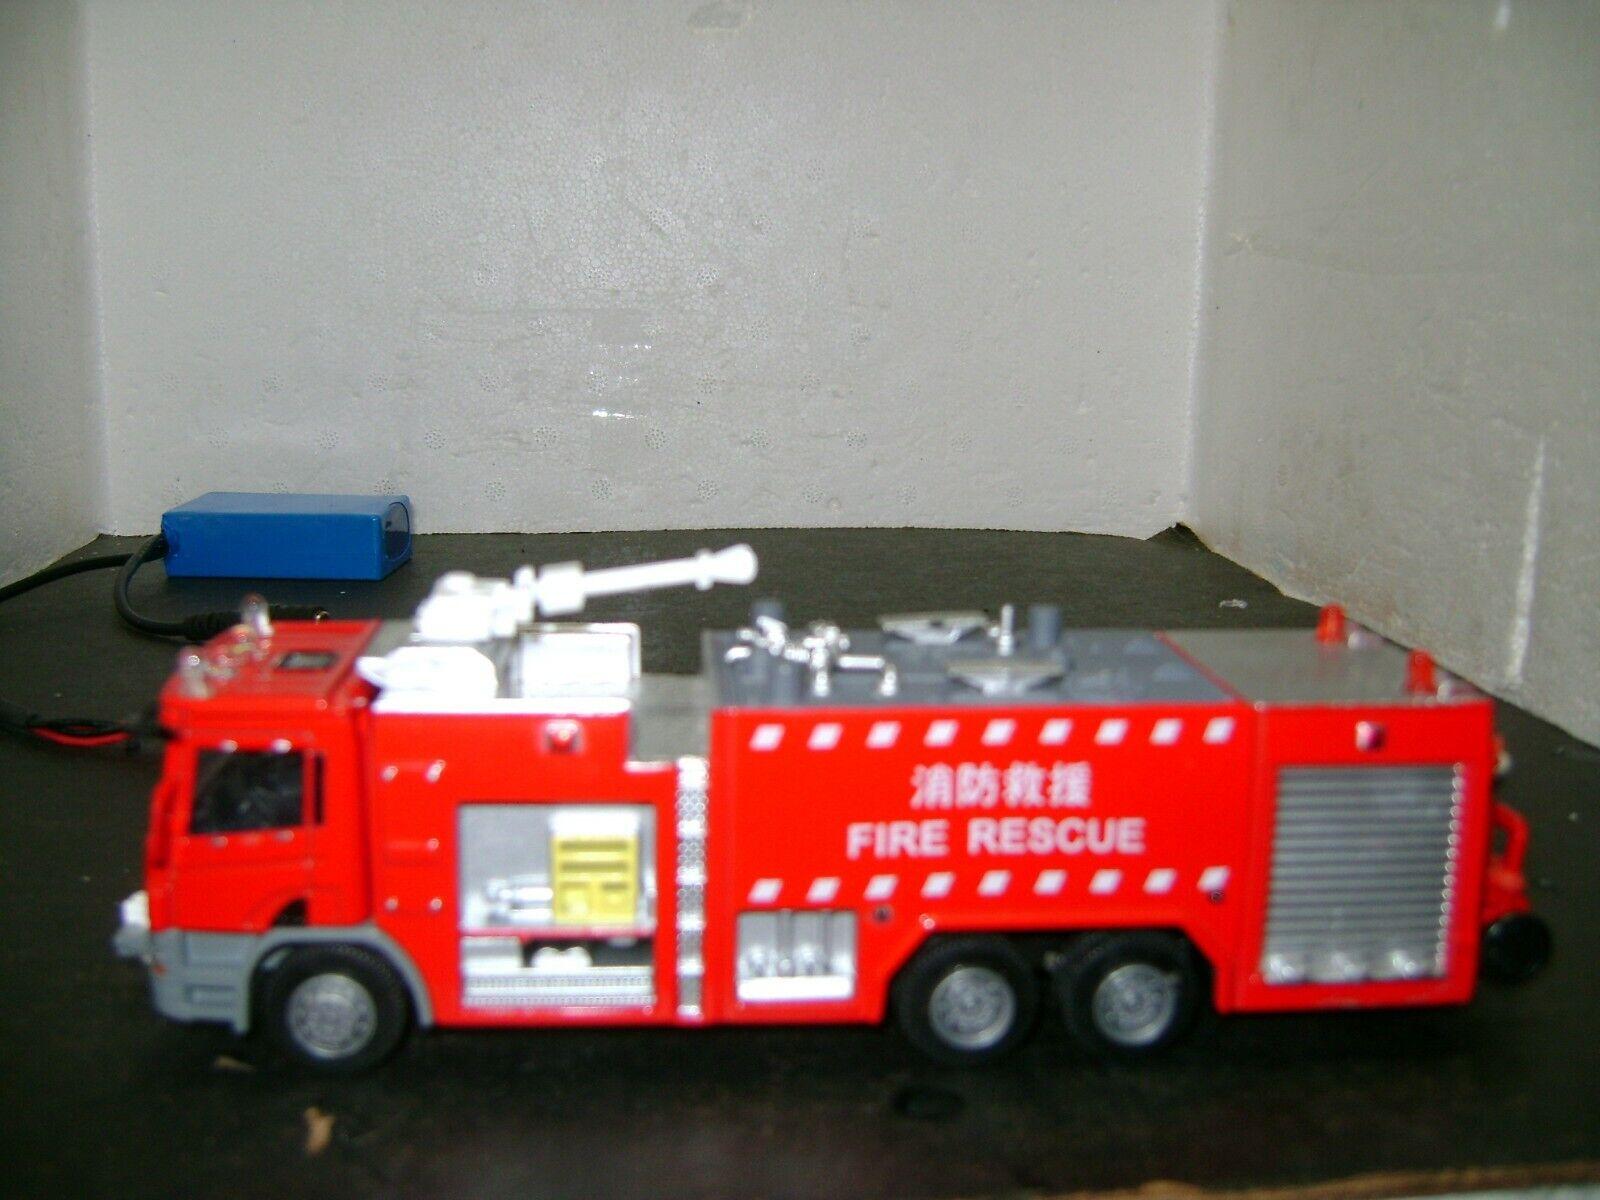 Escala 1 50 Camión De Bomberos Rescate con luces LED de trabajo